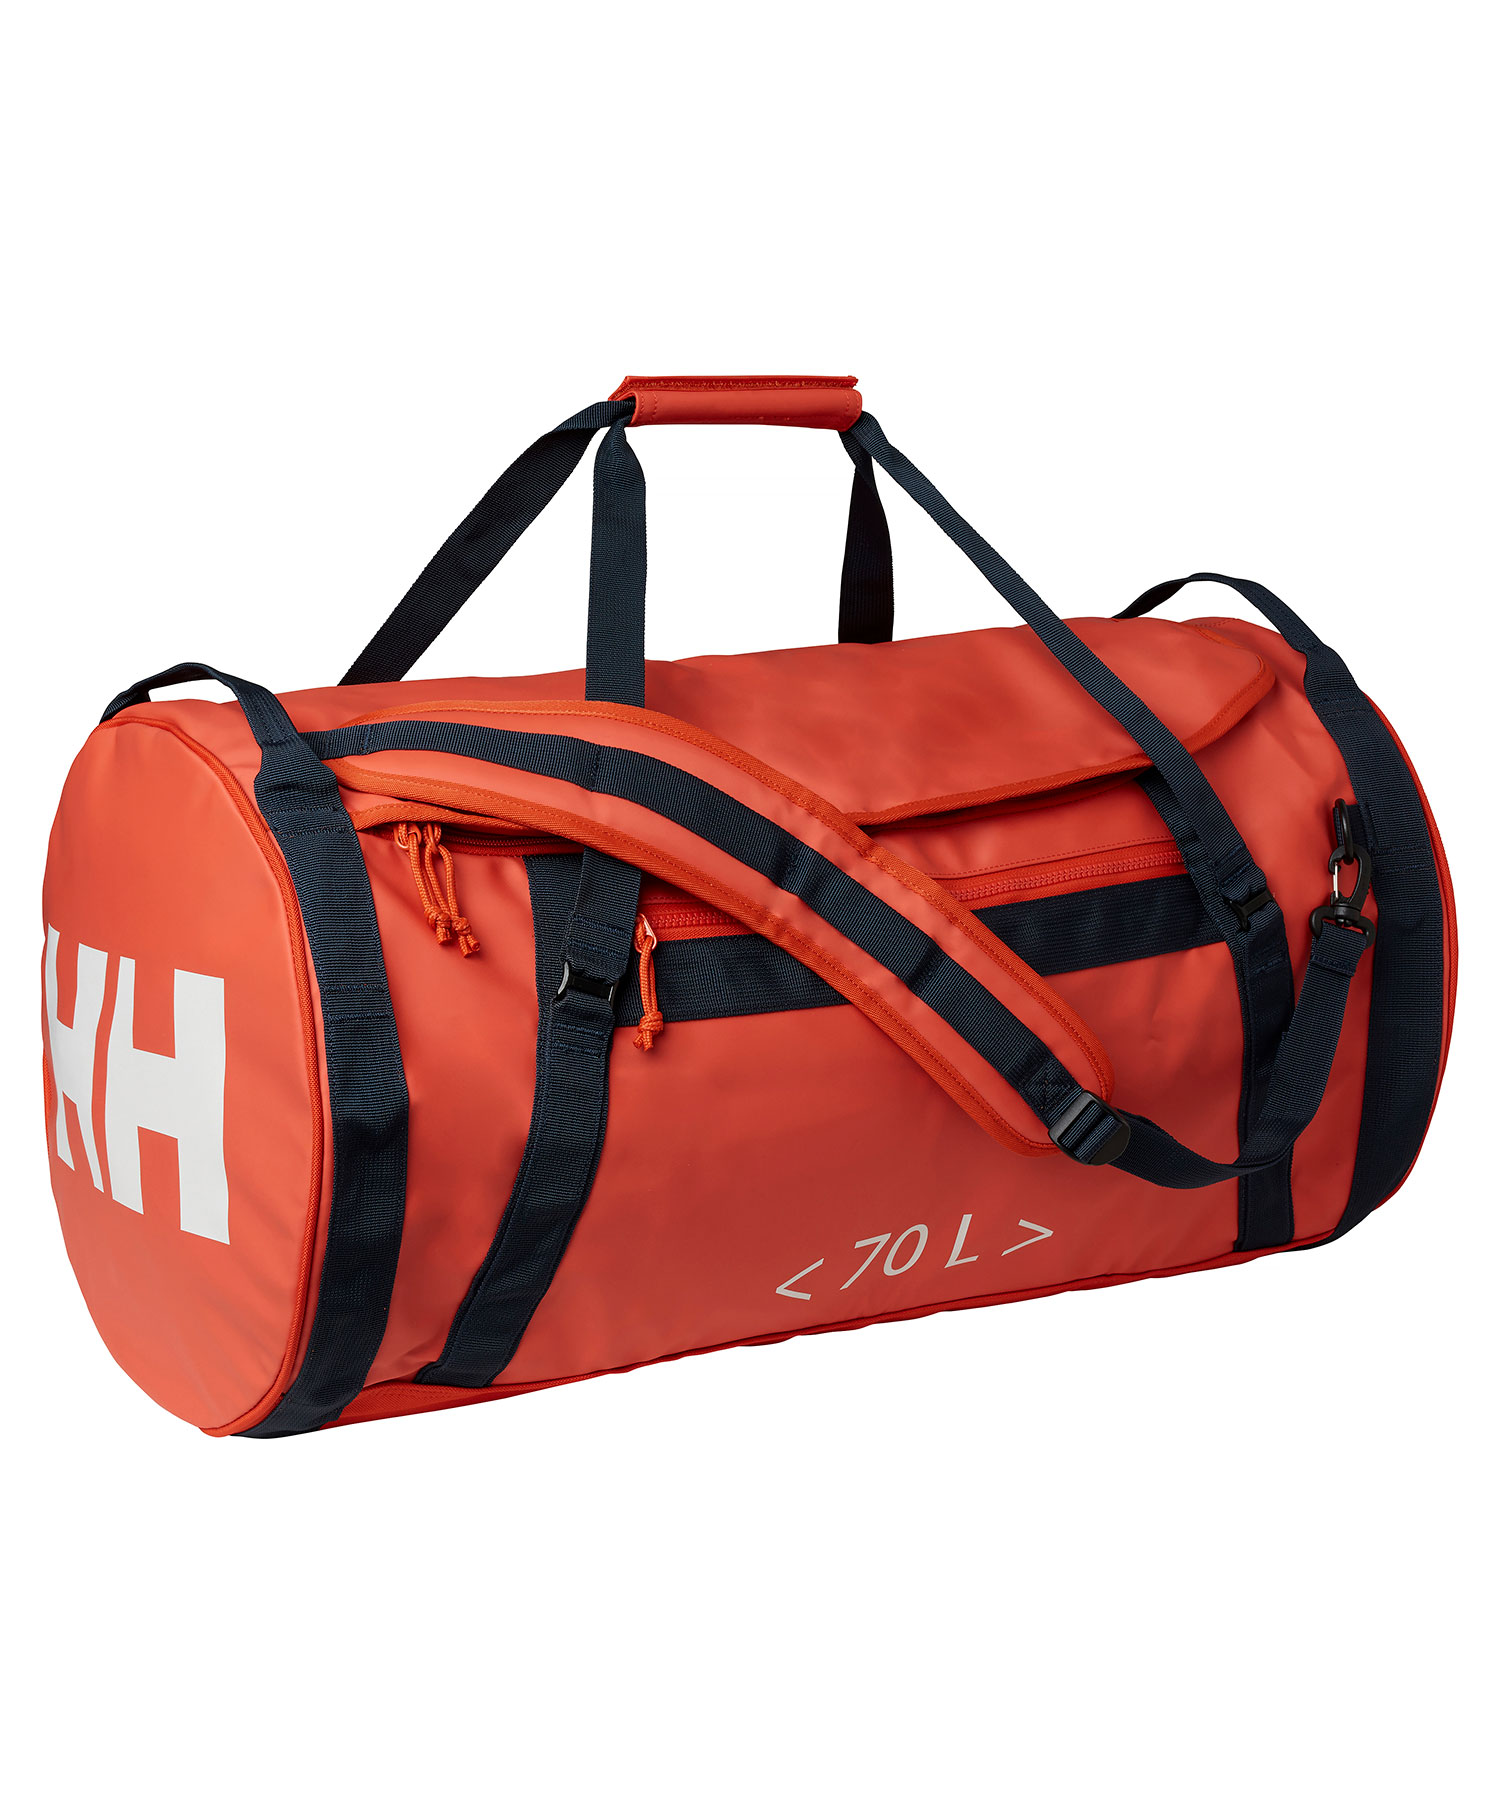 Helly Hansen Duffel Bag